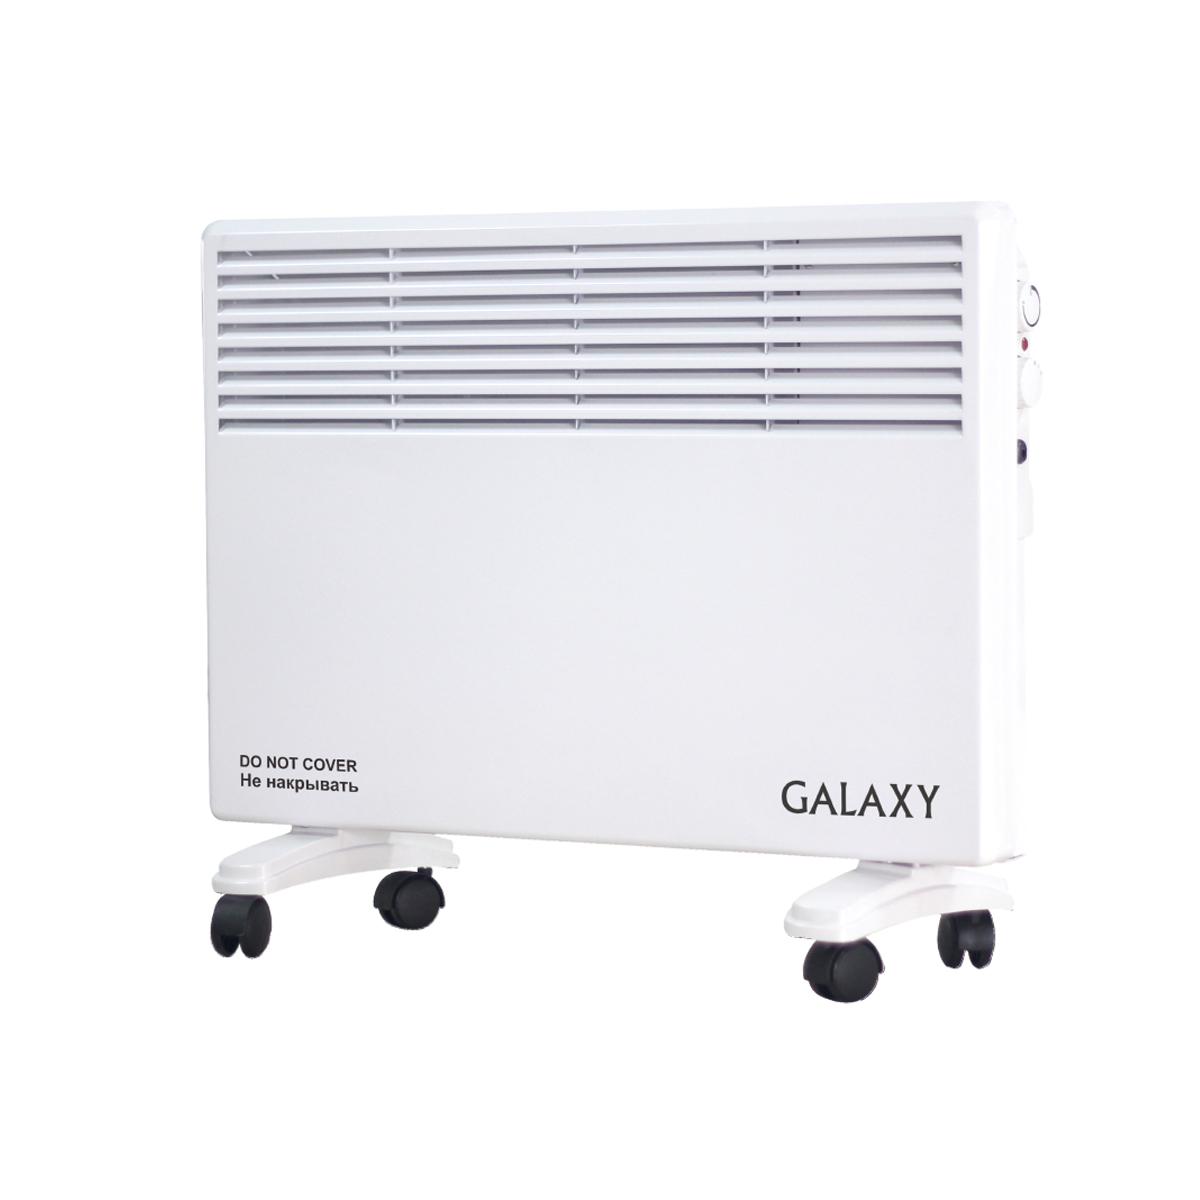 Galaxy GL 8227 обогреватель4630003369925Galaxy GL 8227 - это уникальное и многофункциональное устройство, предназначенное для обогрева помещения. Выполнено оно из высококачественных материалов, при этом имеет очень стильный вид. Идеально вписывается в любой интерьер спальни и гостиной комнаты. Устройство имеет 2 режима работы.